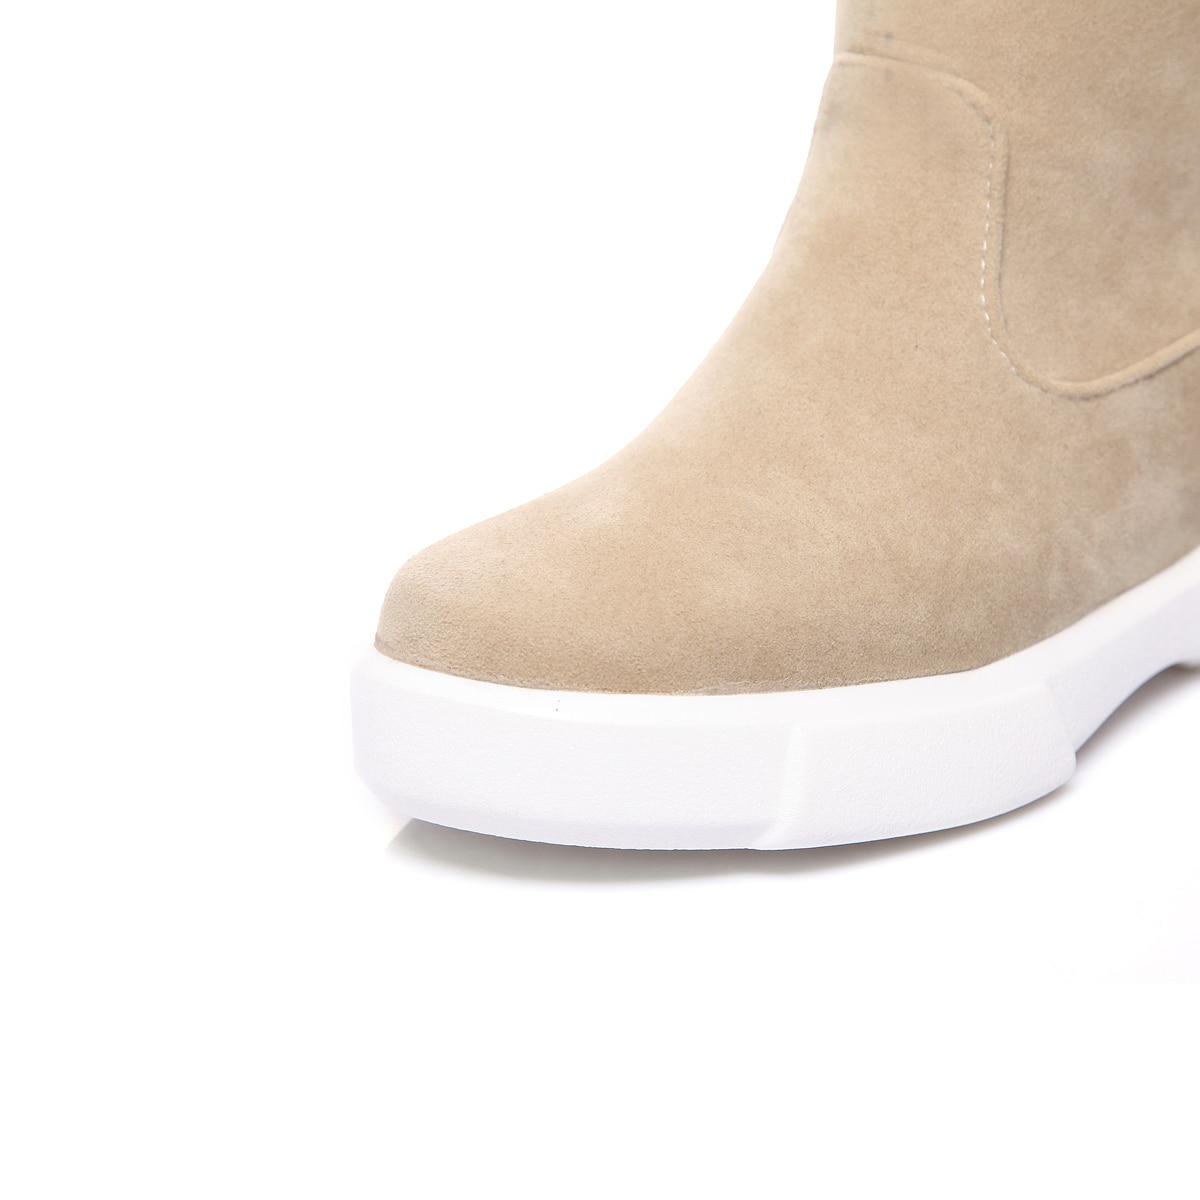 Verde Zapatos Bajo Beige verde Fathion Mediados Negro Botas De Mujeres Partido Y negro Es Albaricoque Primavera Vestido Becerro Tacón 2019 Otoño Uq8CZBxnC